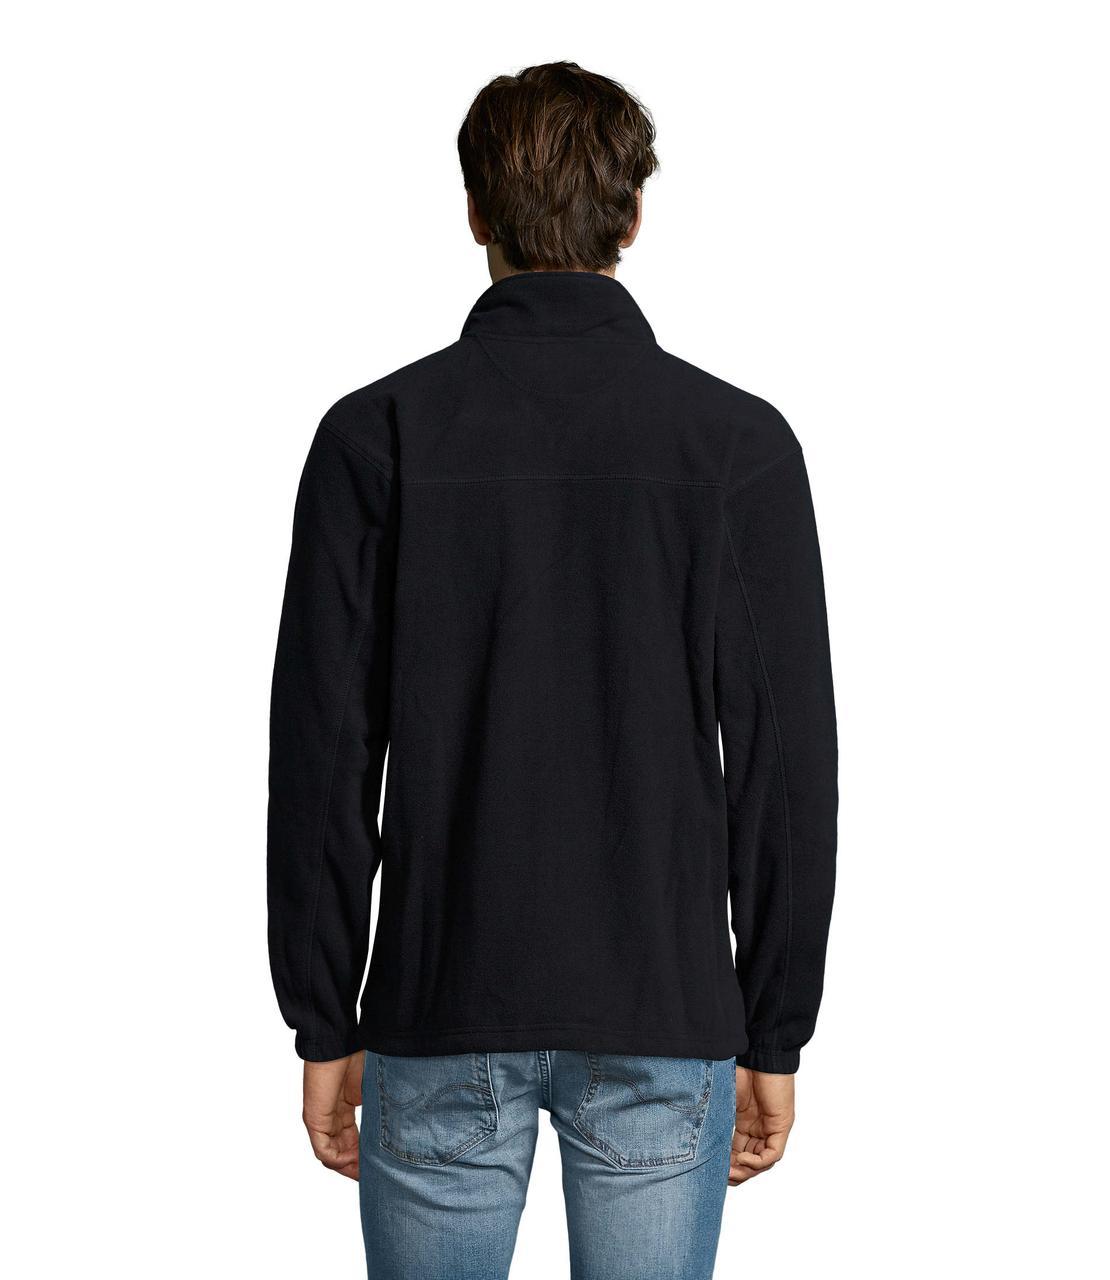 Флиска Флисовая куртка - фото 2